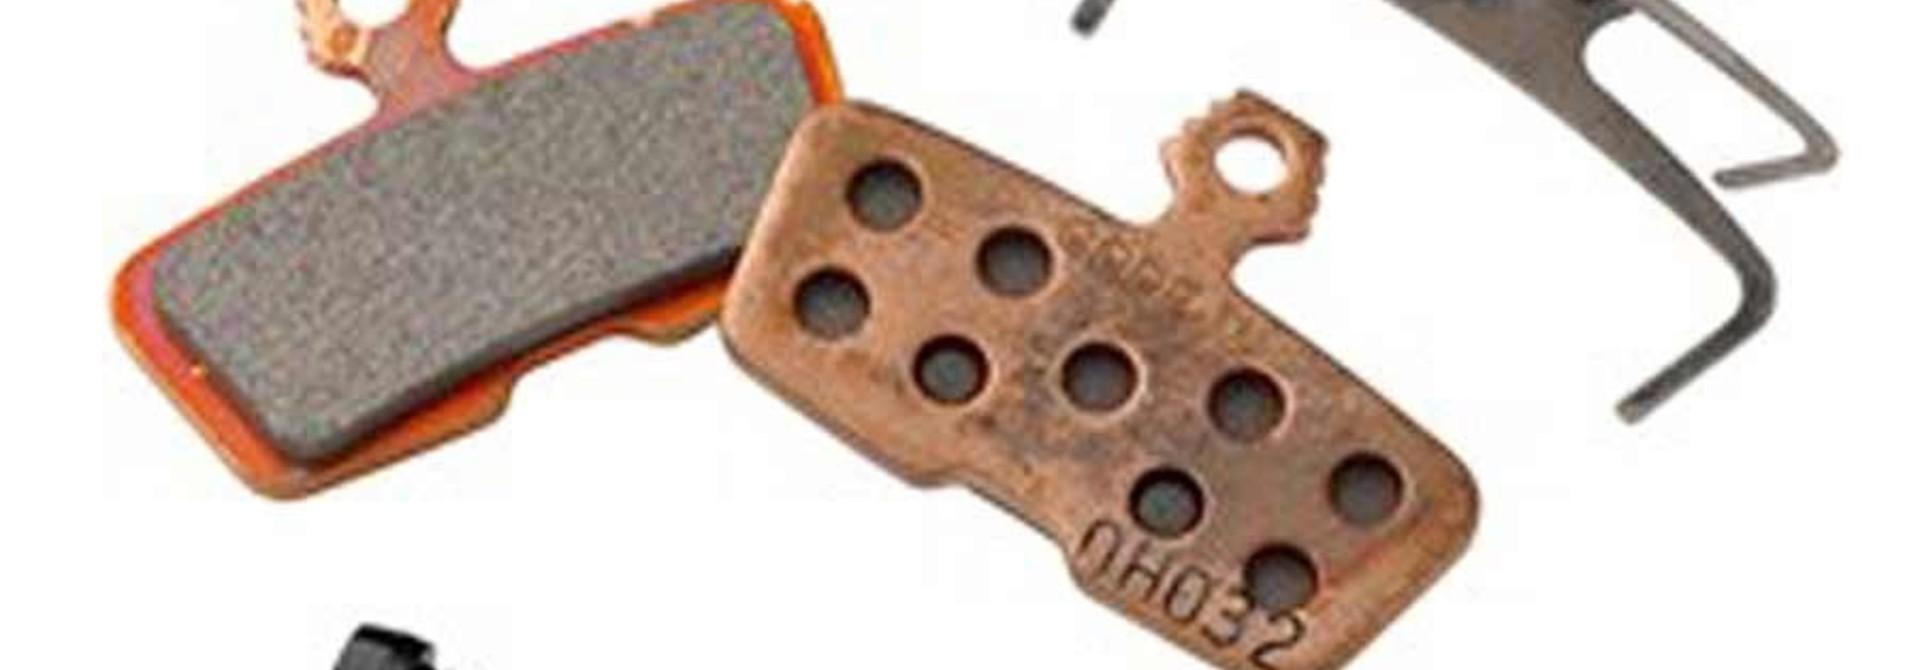 SRAM, Disc Brake Pads, Shape: Avid Code 2011+, Metallic, Pair